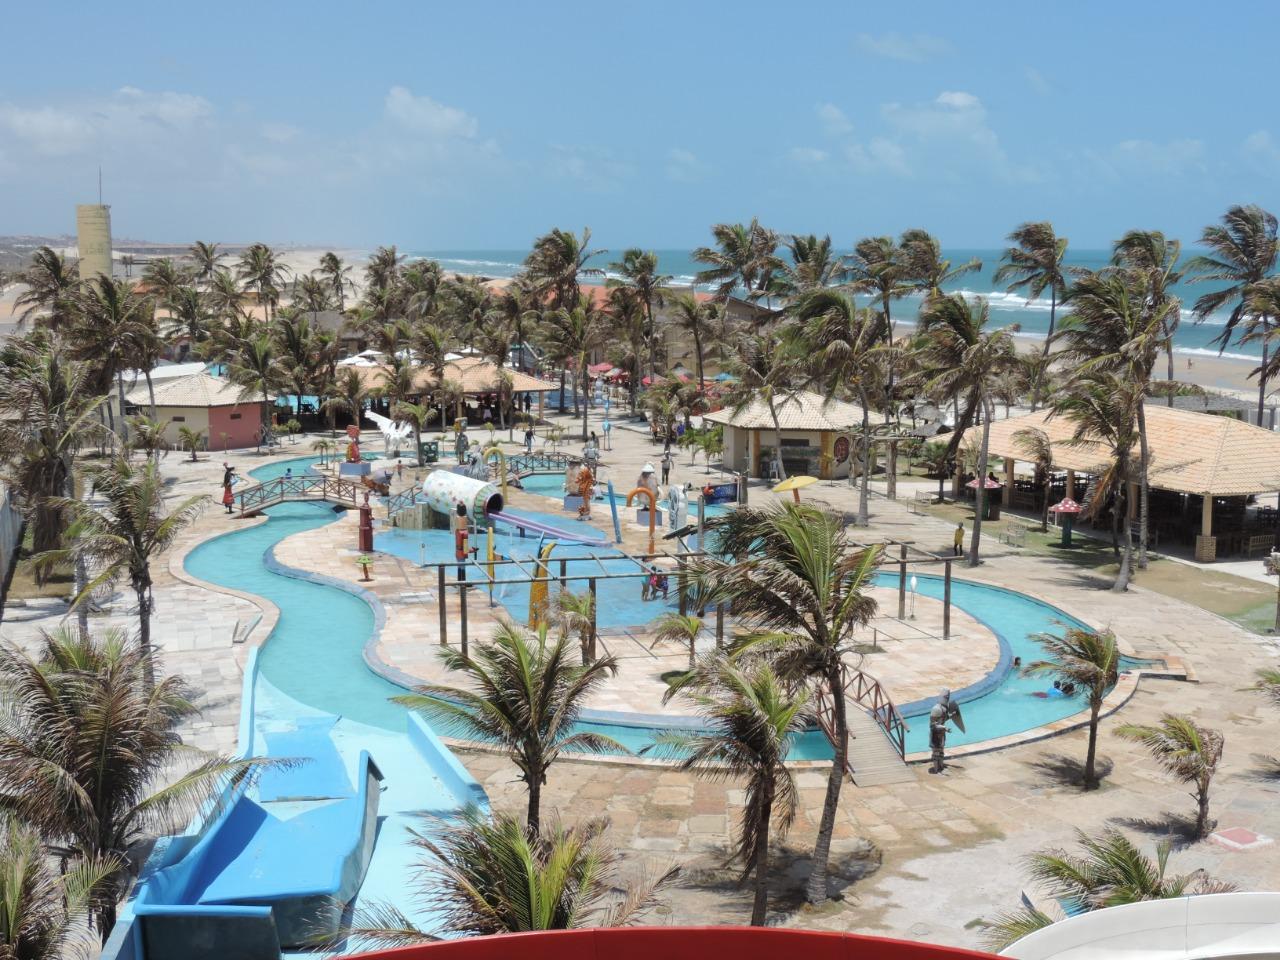 Super Promoção de Hospedagem no Ytacaranha Hotel de Praia! 02 Diárias para 4 pessoas com Café da Manhã e parque aquático liberado valendo pro final de semana de R$1.600 por apenas R$599